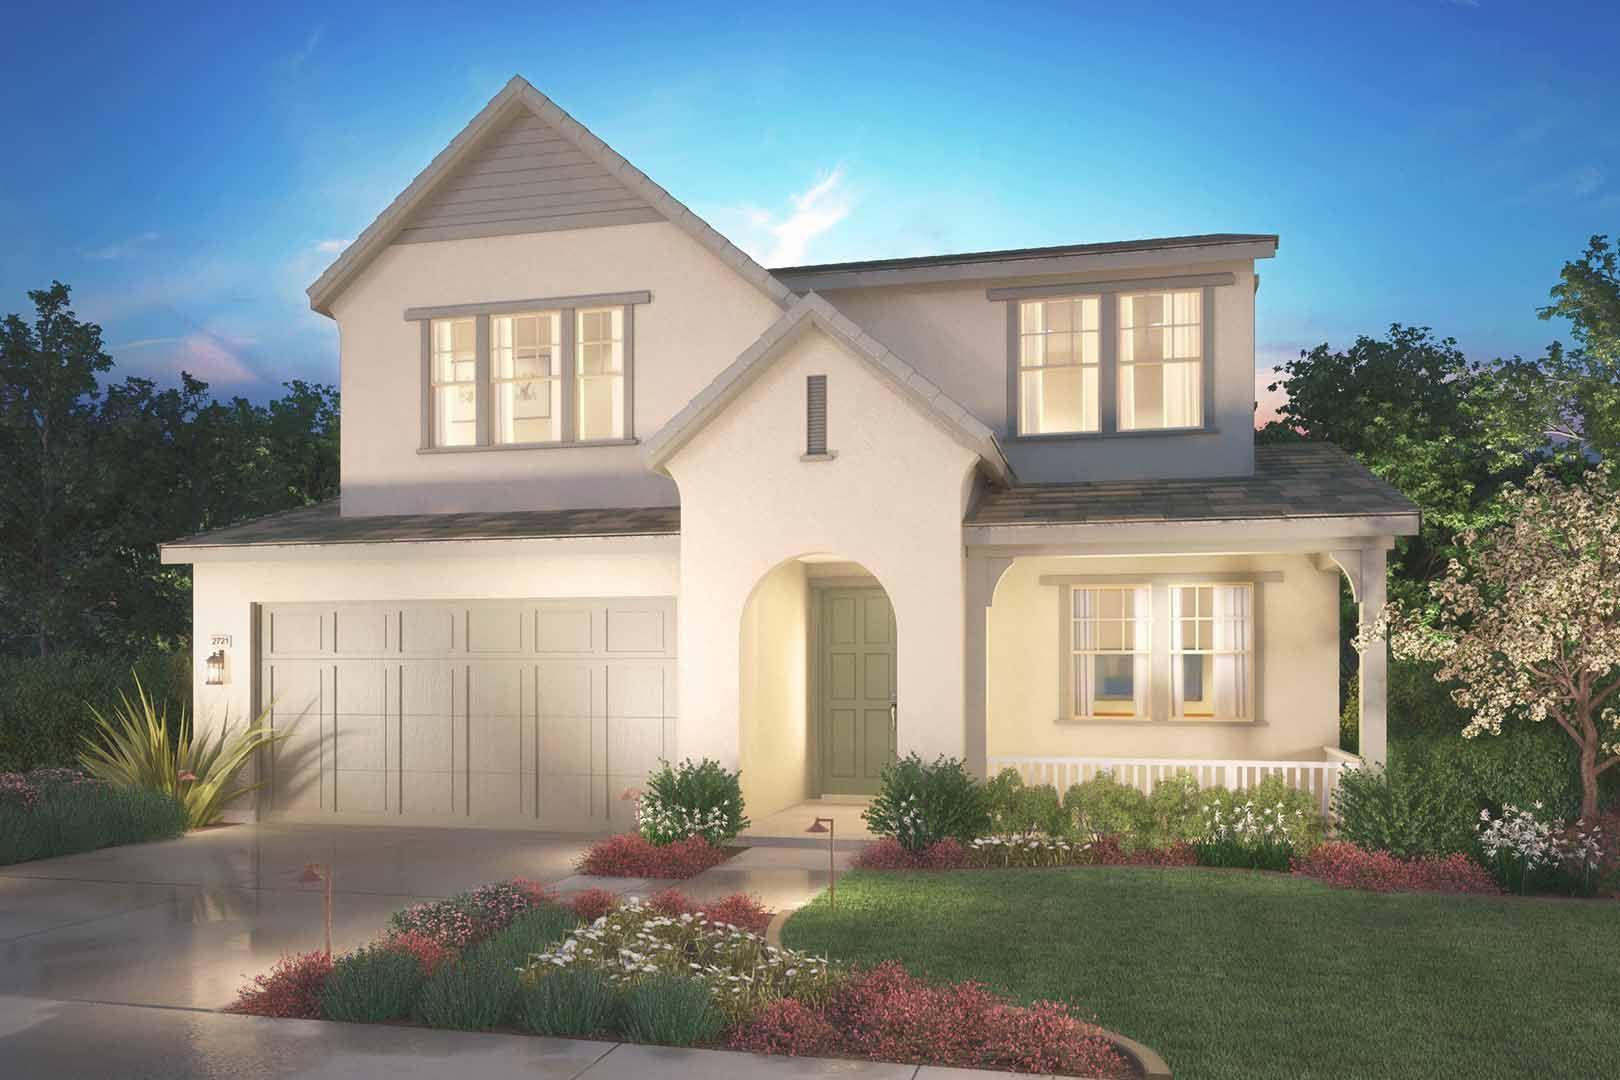 tri pointe homes redstone residence 1x 1211844